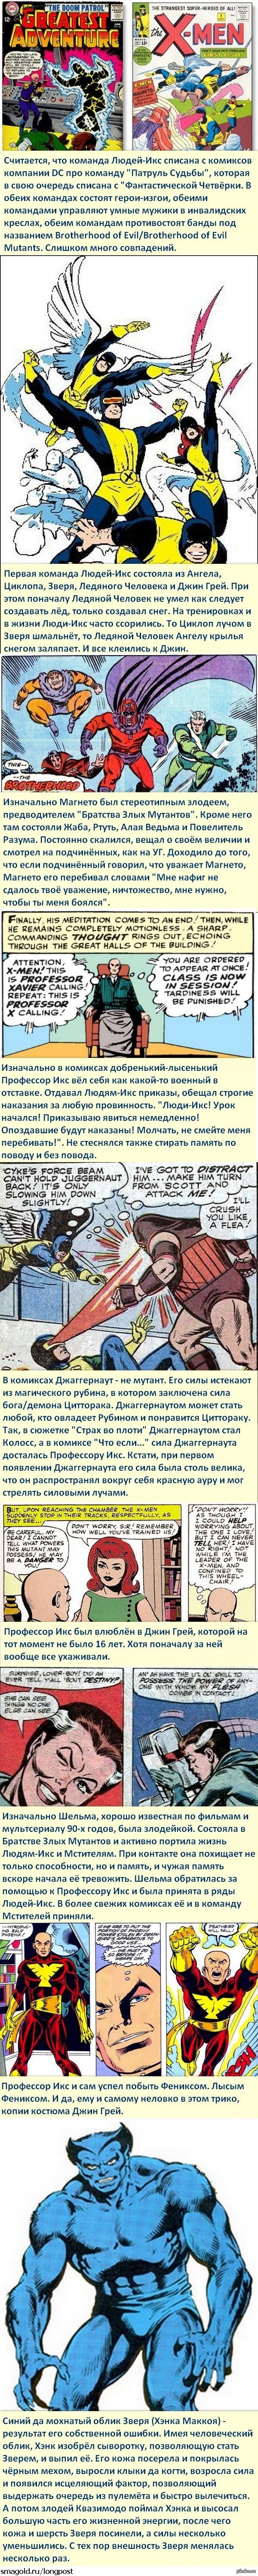 Факты о супергероях: Люди-Икс То, чего нет в фильмах.